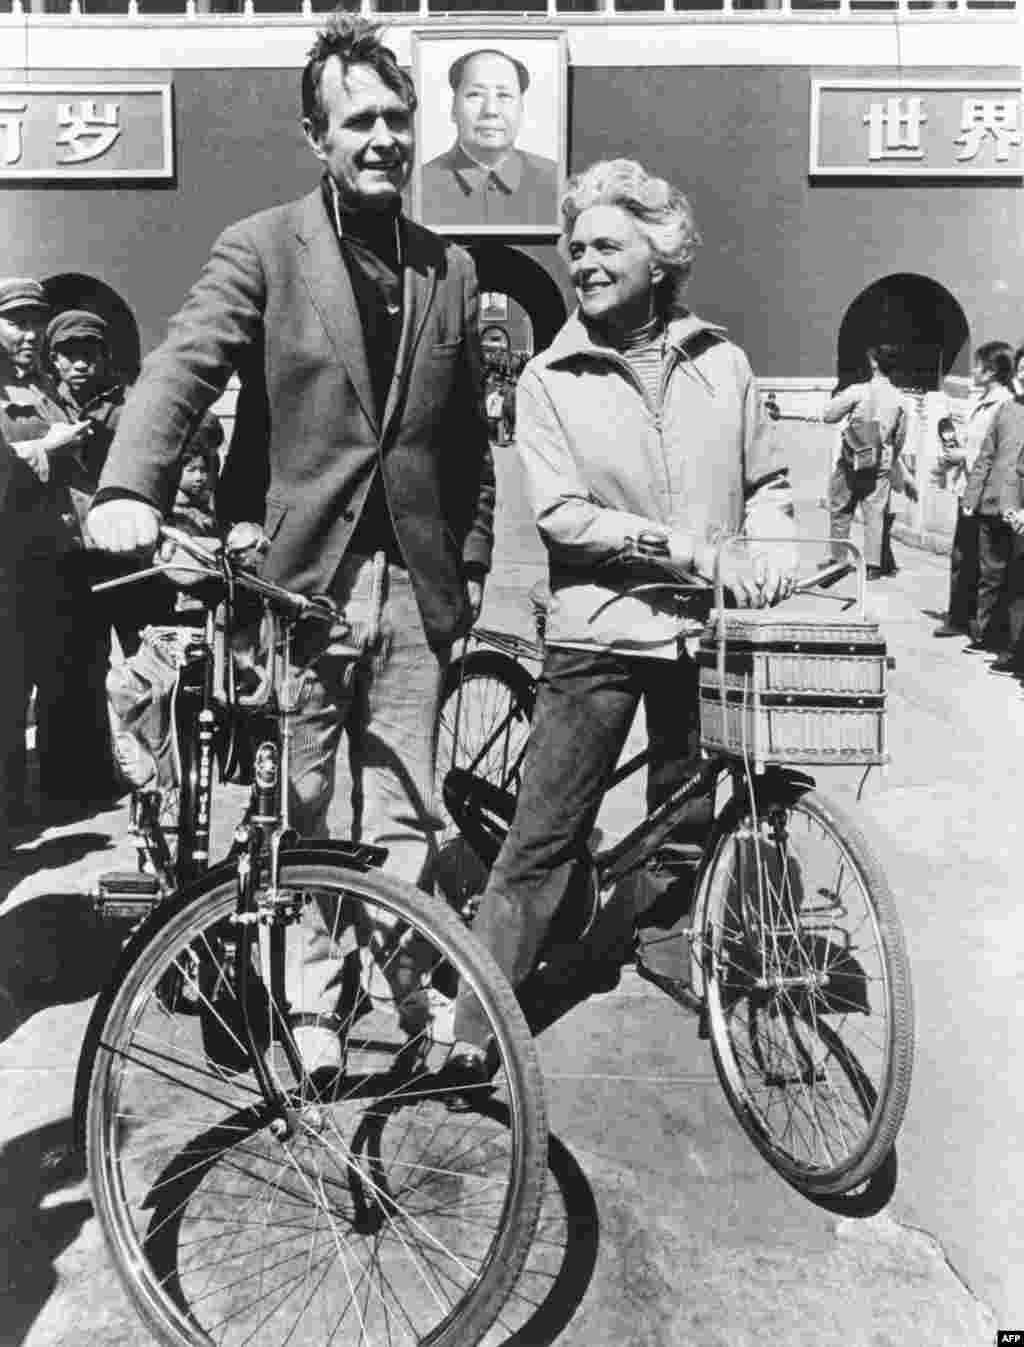 1974年美國駐北京聯絡處主任喬治·布殊(老布殊)和夫人騎自行車抵達北京天安門前。喬治•布殊(George HW Bush)在1974-1975間出使北京。布殊夫婦在北京時曾騎著自行車遊逛。後來布殊夫人在接受採訪時回顧那段歷史,提到當時的存車費是兩分錢。